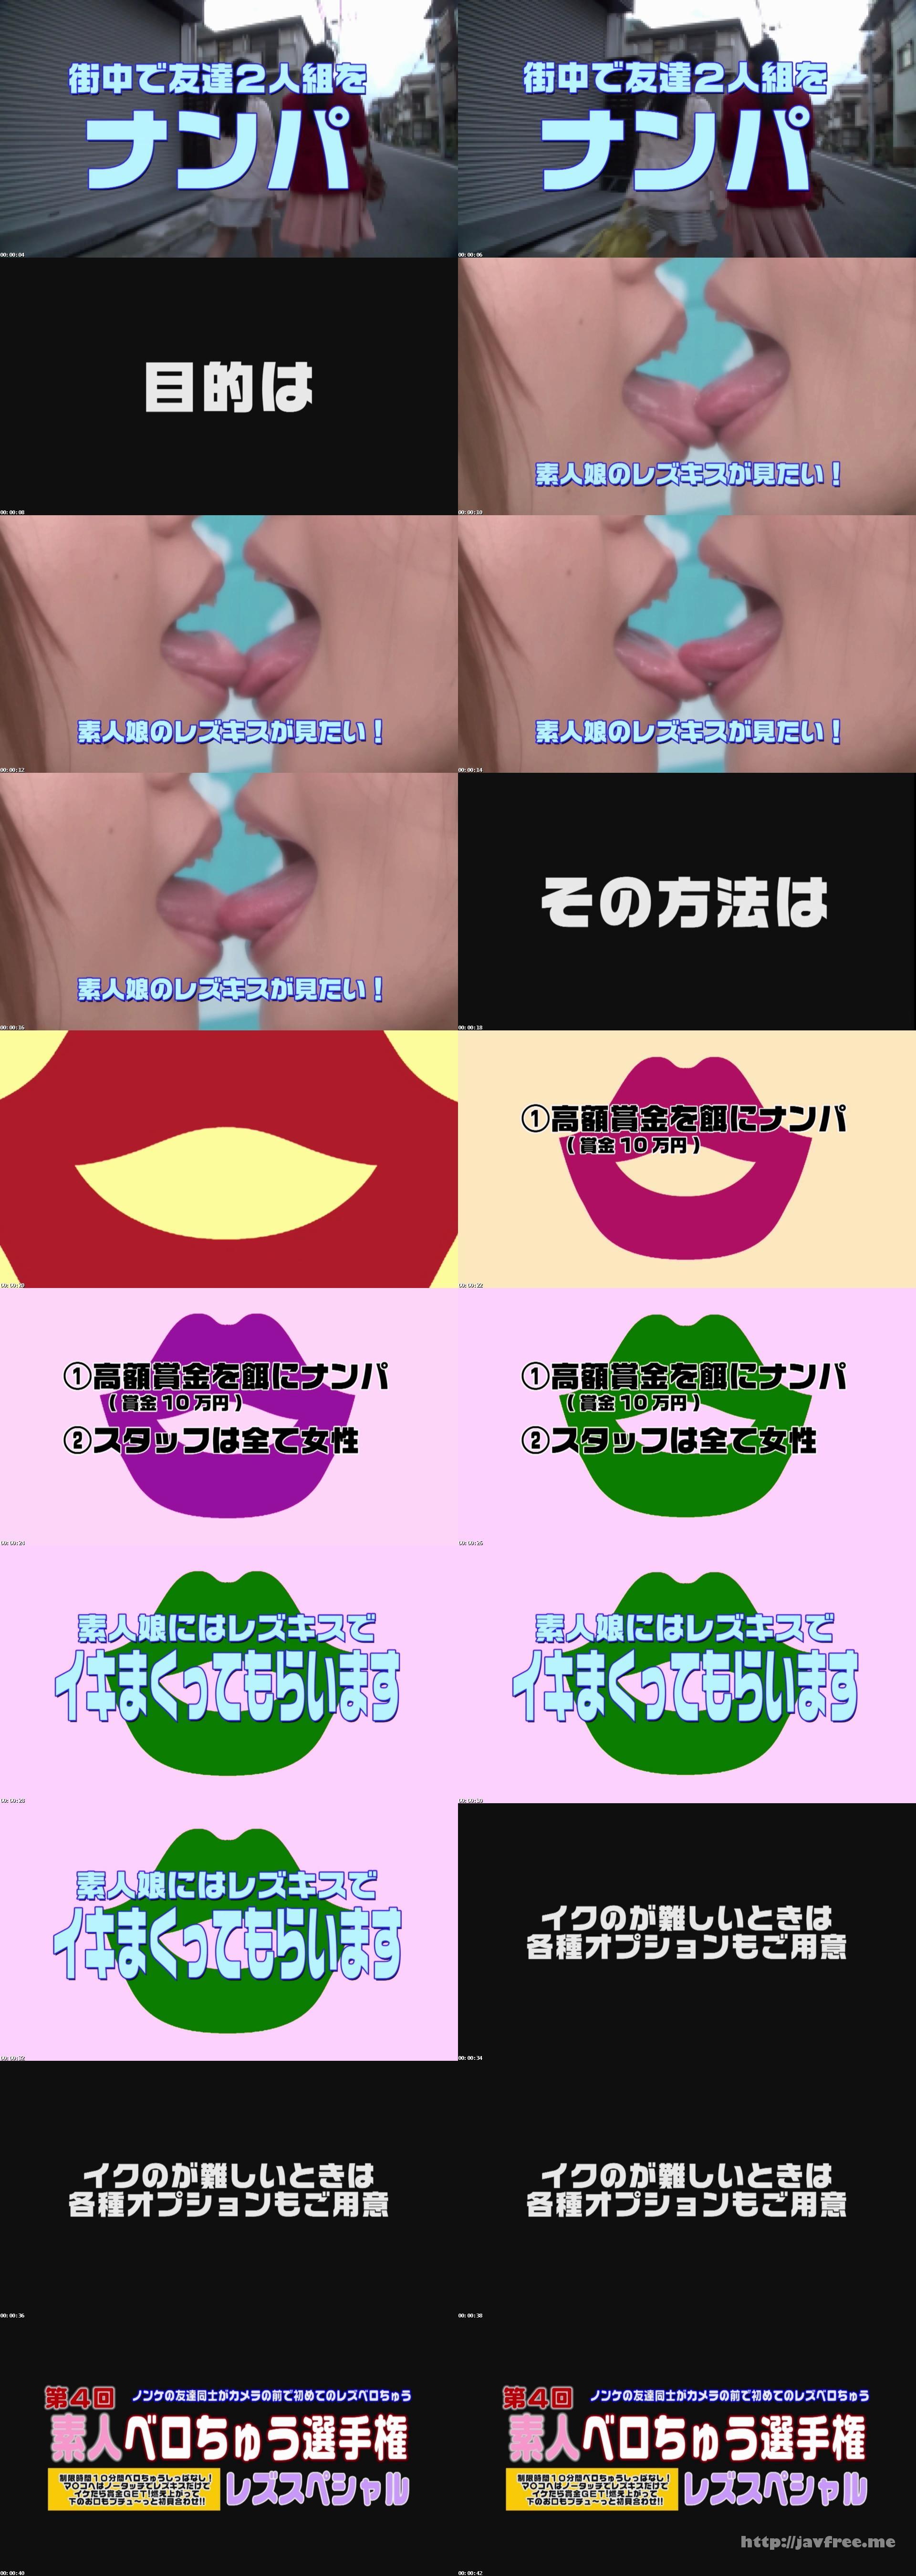 [RCT-919] 第4回 素人ベロちゅう選手権レズスペシャル - image RCT-919 on https://javfree.me